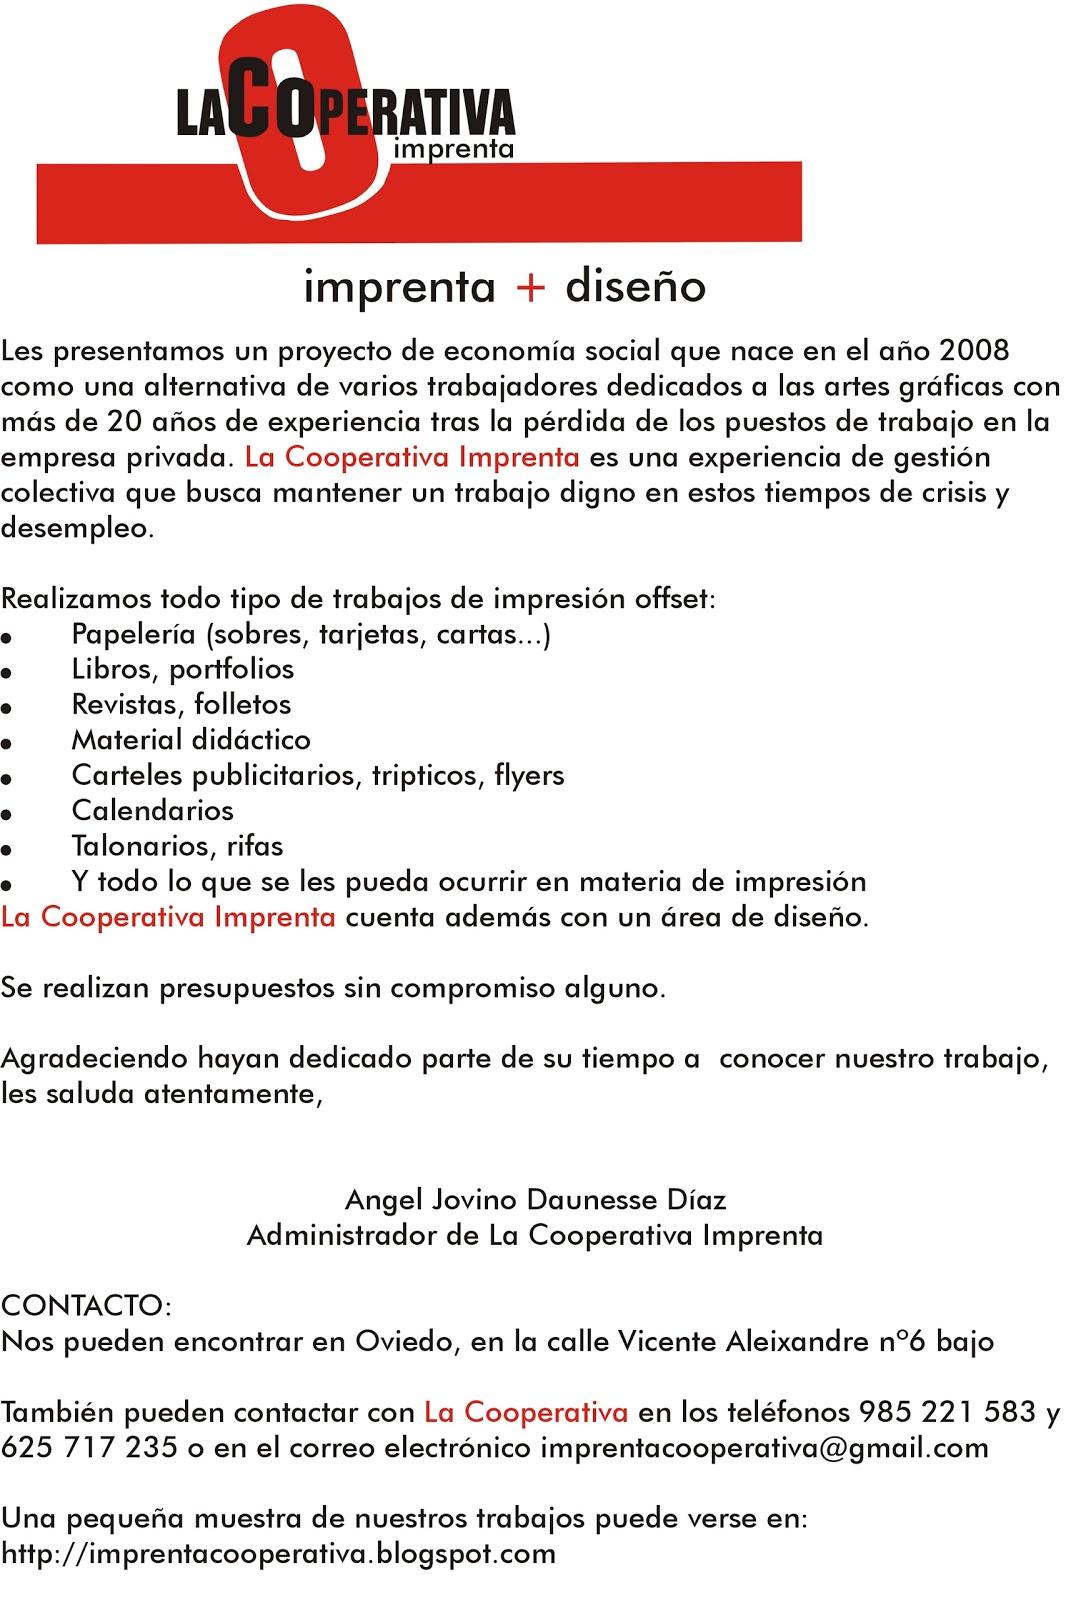 Imprenta La Cooperativa (Oviedo): Presentación y Contacto